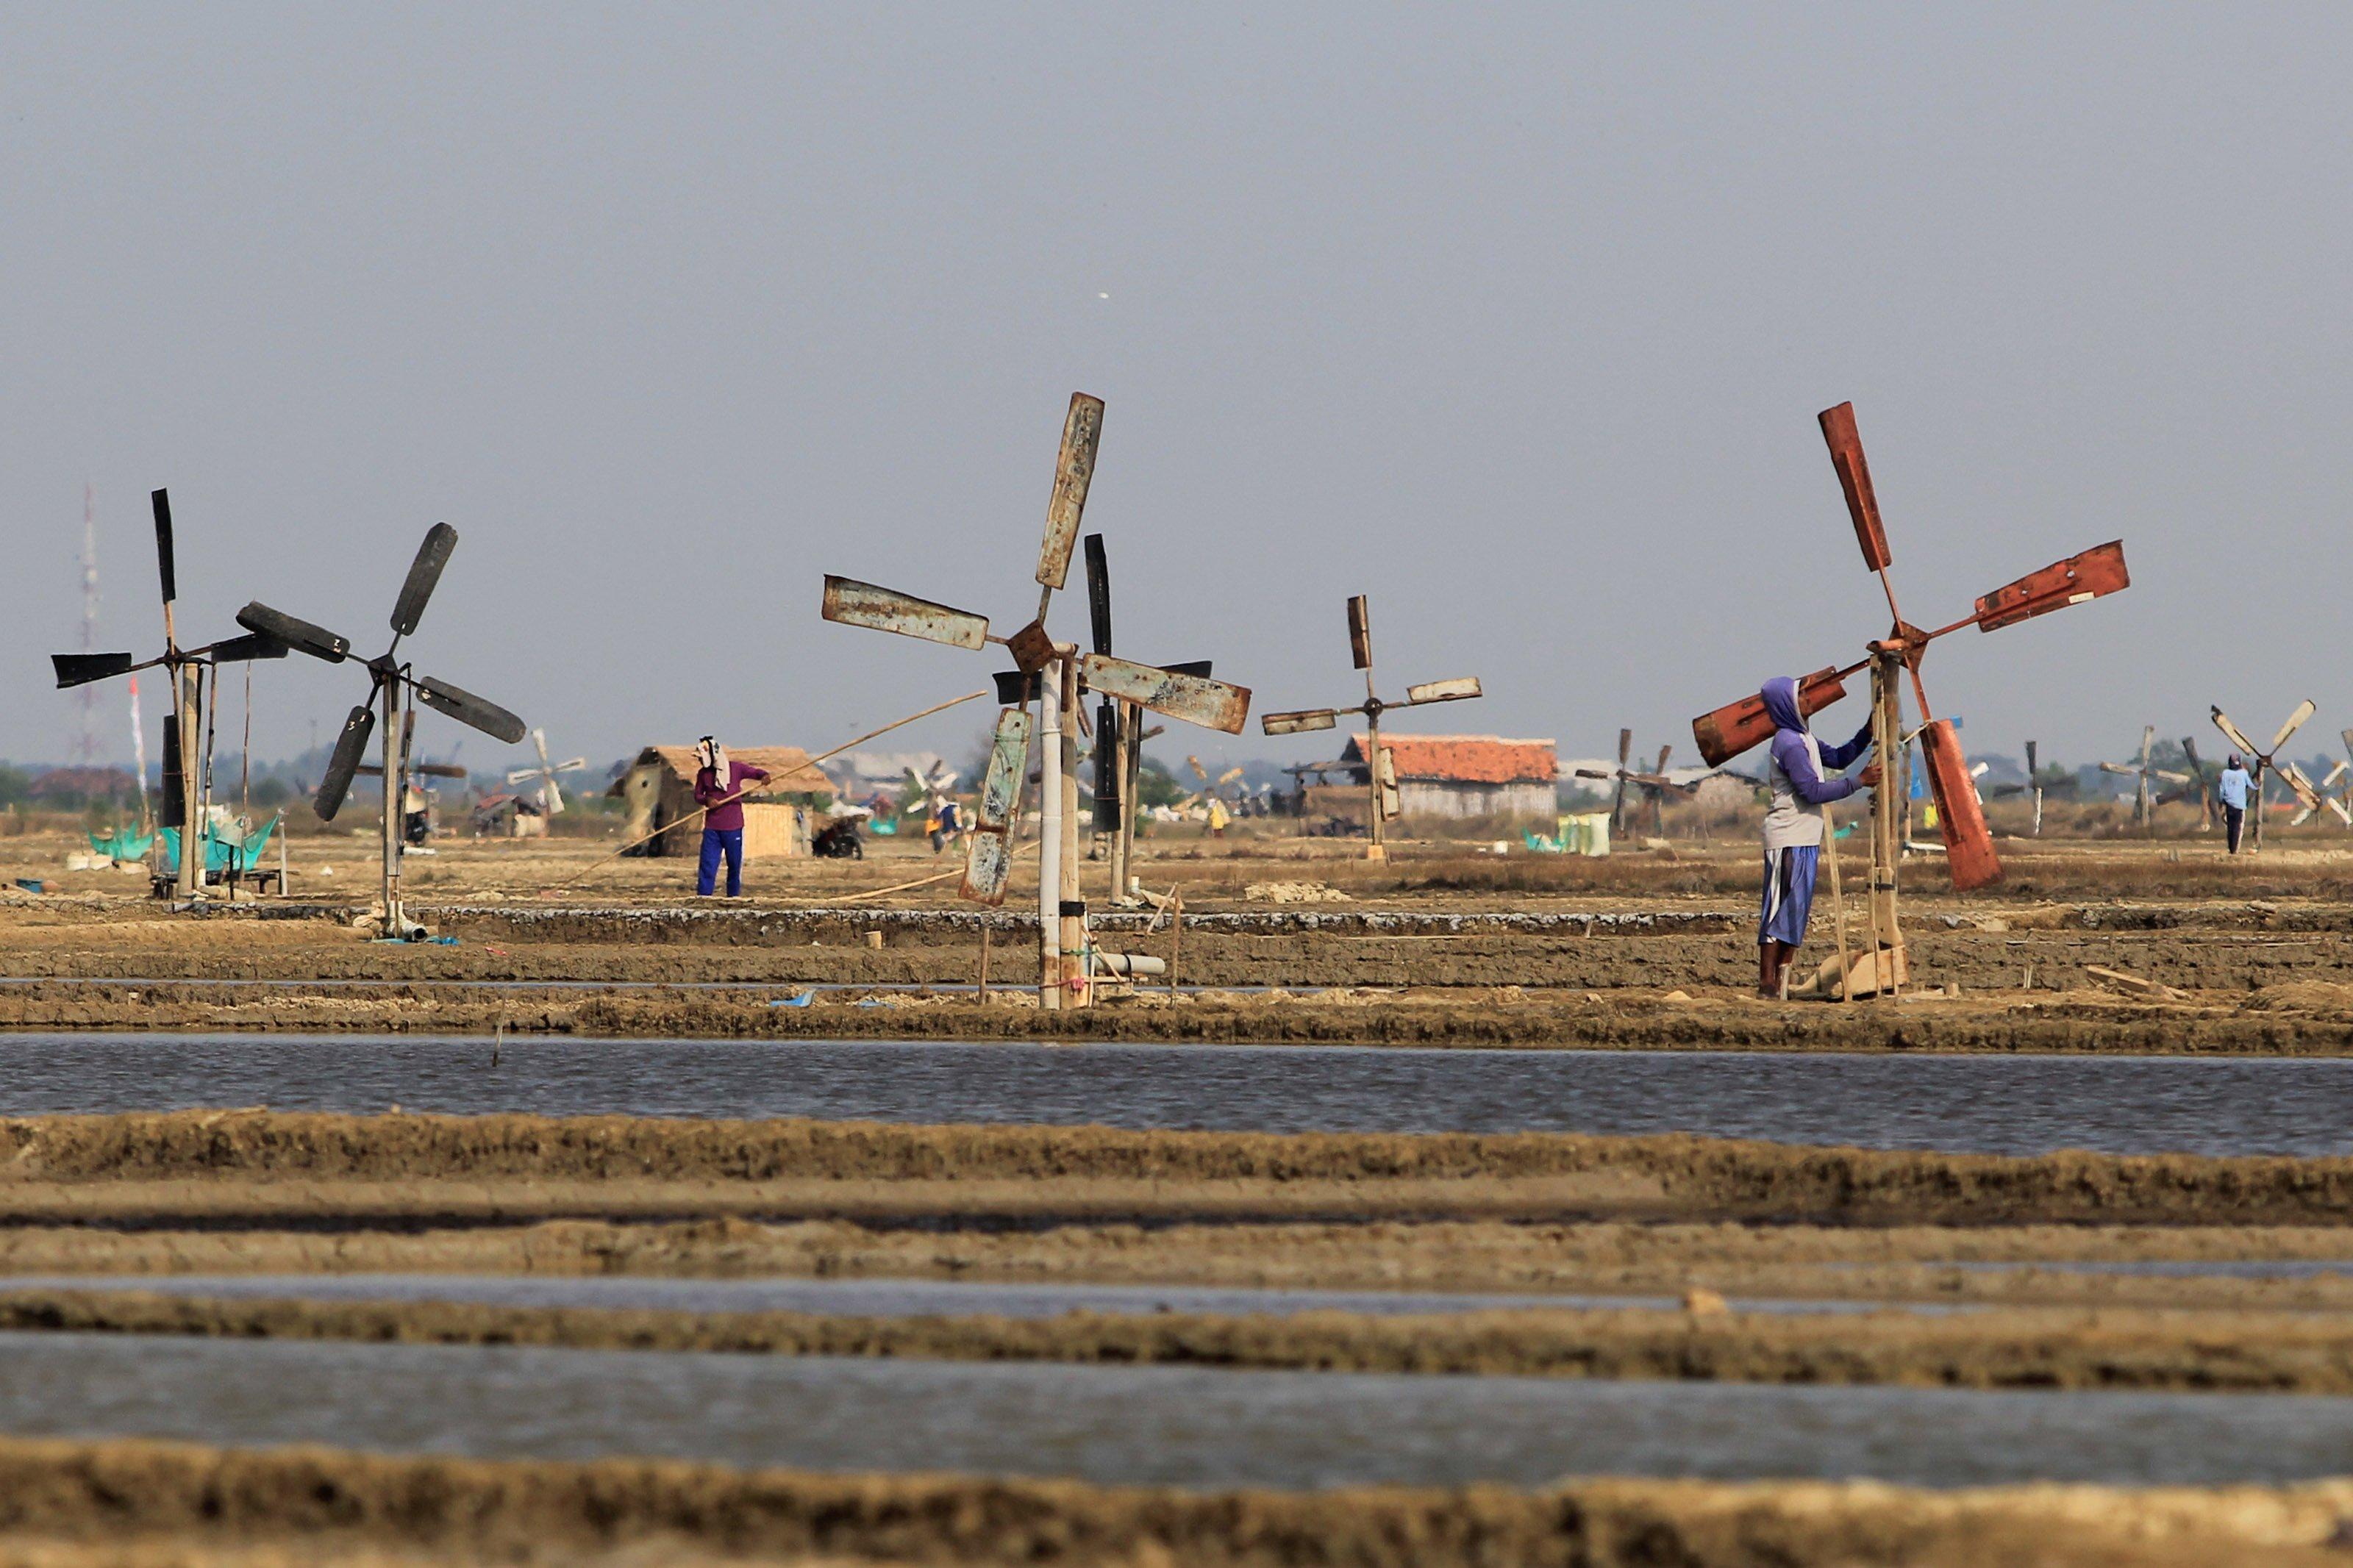 Petani tambak memperbaiki kincir anginn untuk memompa air laut kedalam tambak